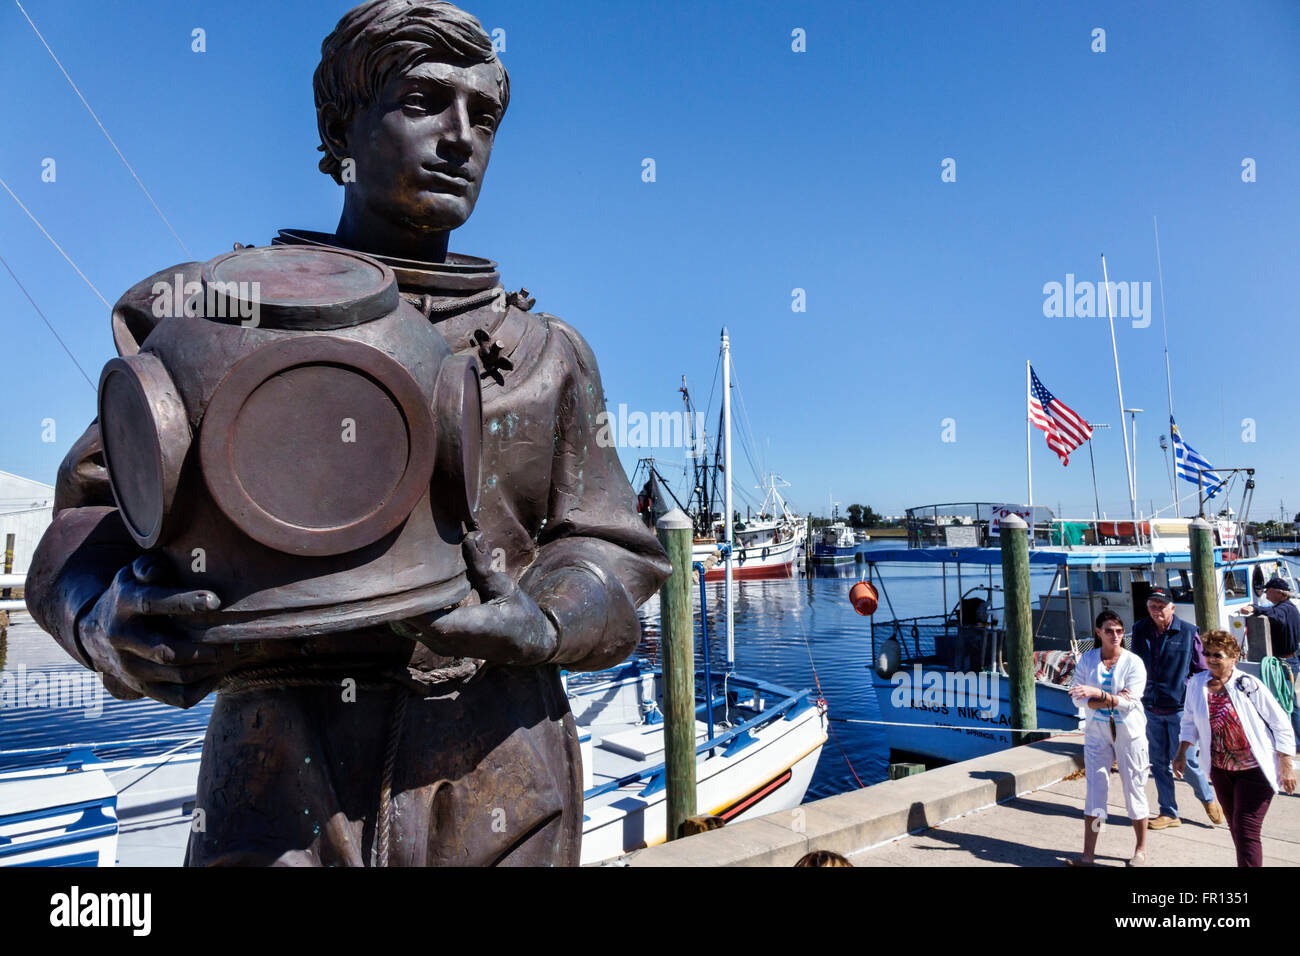 FL Floride Tarpon Springs communauté grecque Dodecanese Boulevard plongeur bronze statue commémorative Photo Stock